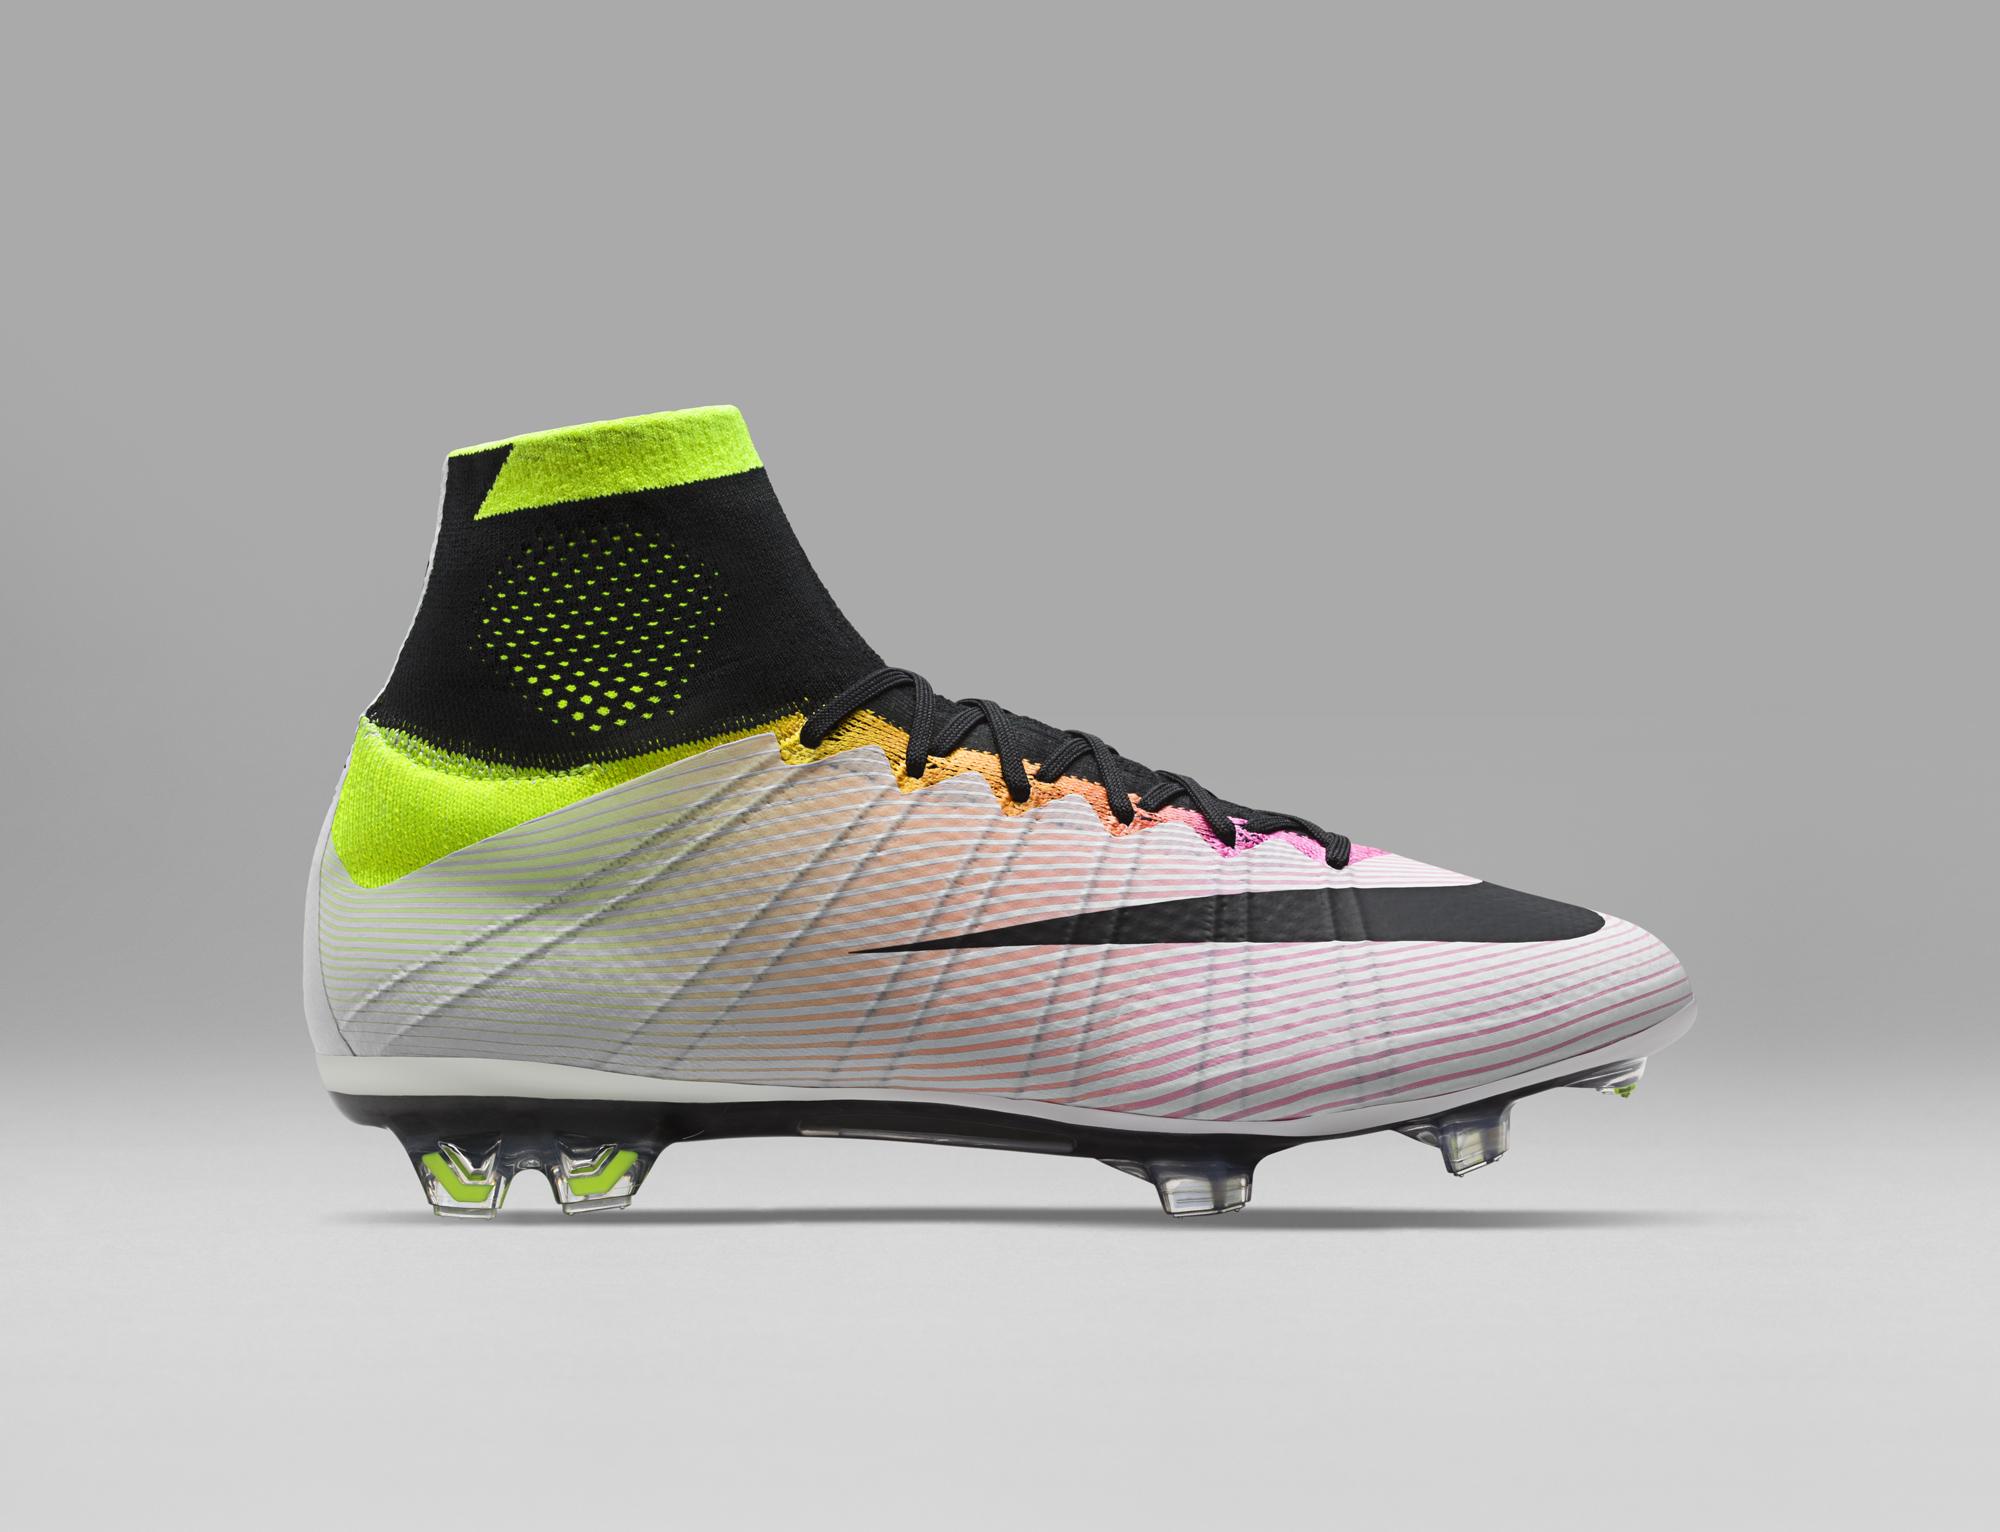 grande selezione del 2019 nuovi prodotti per scopri le ultime tendenze Look primaverile per le nuove scarpe da calcio Nike: presentato il ...